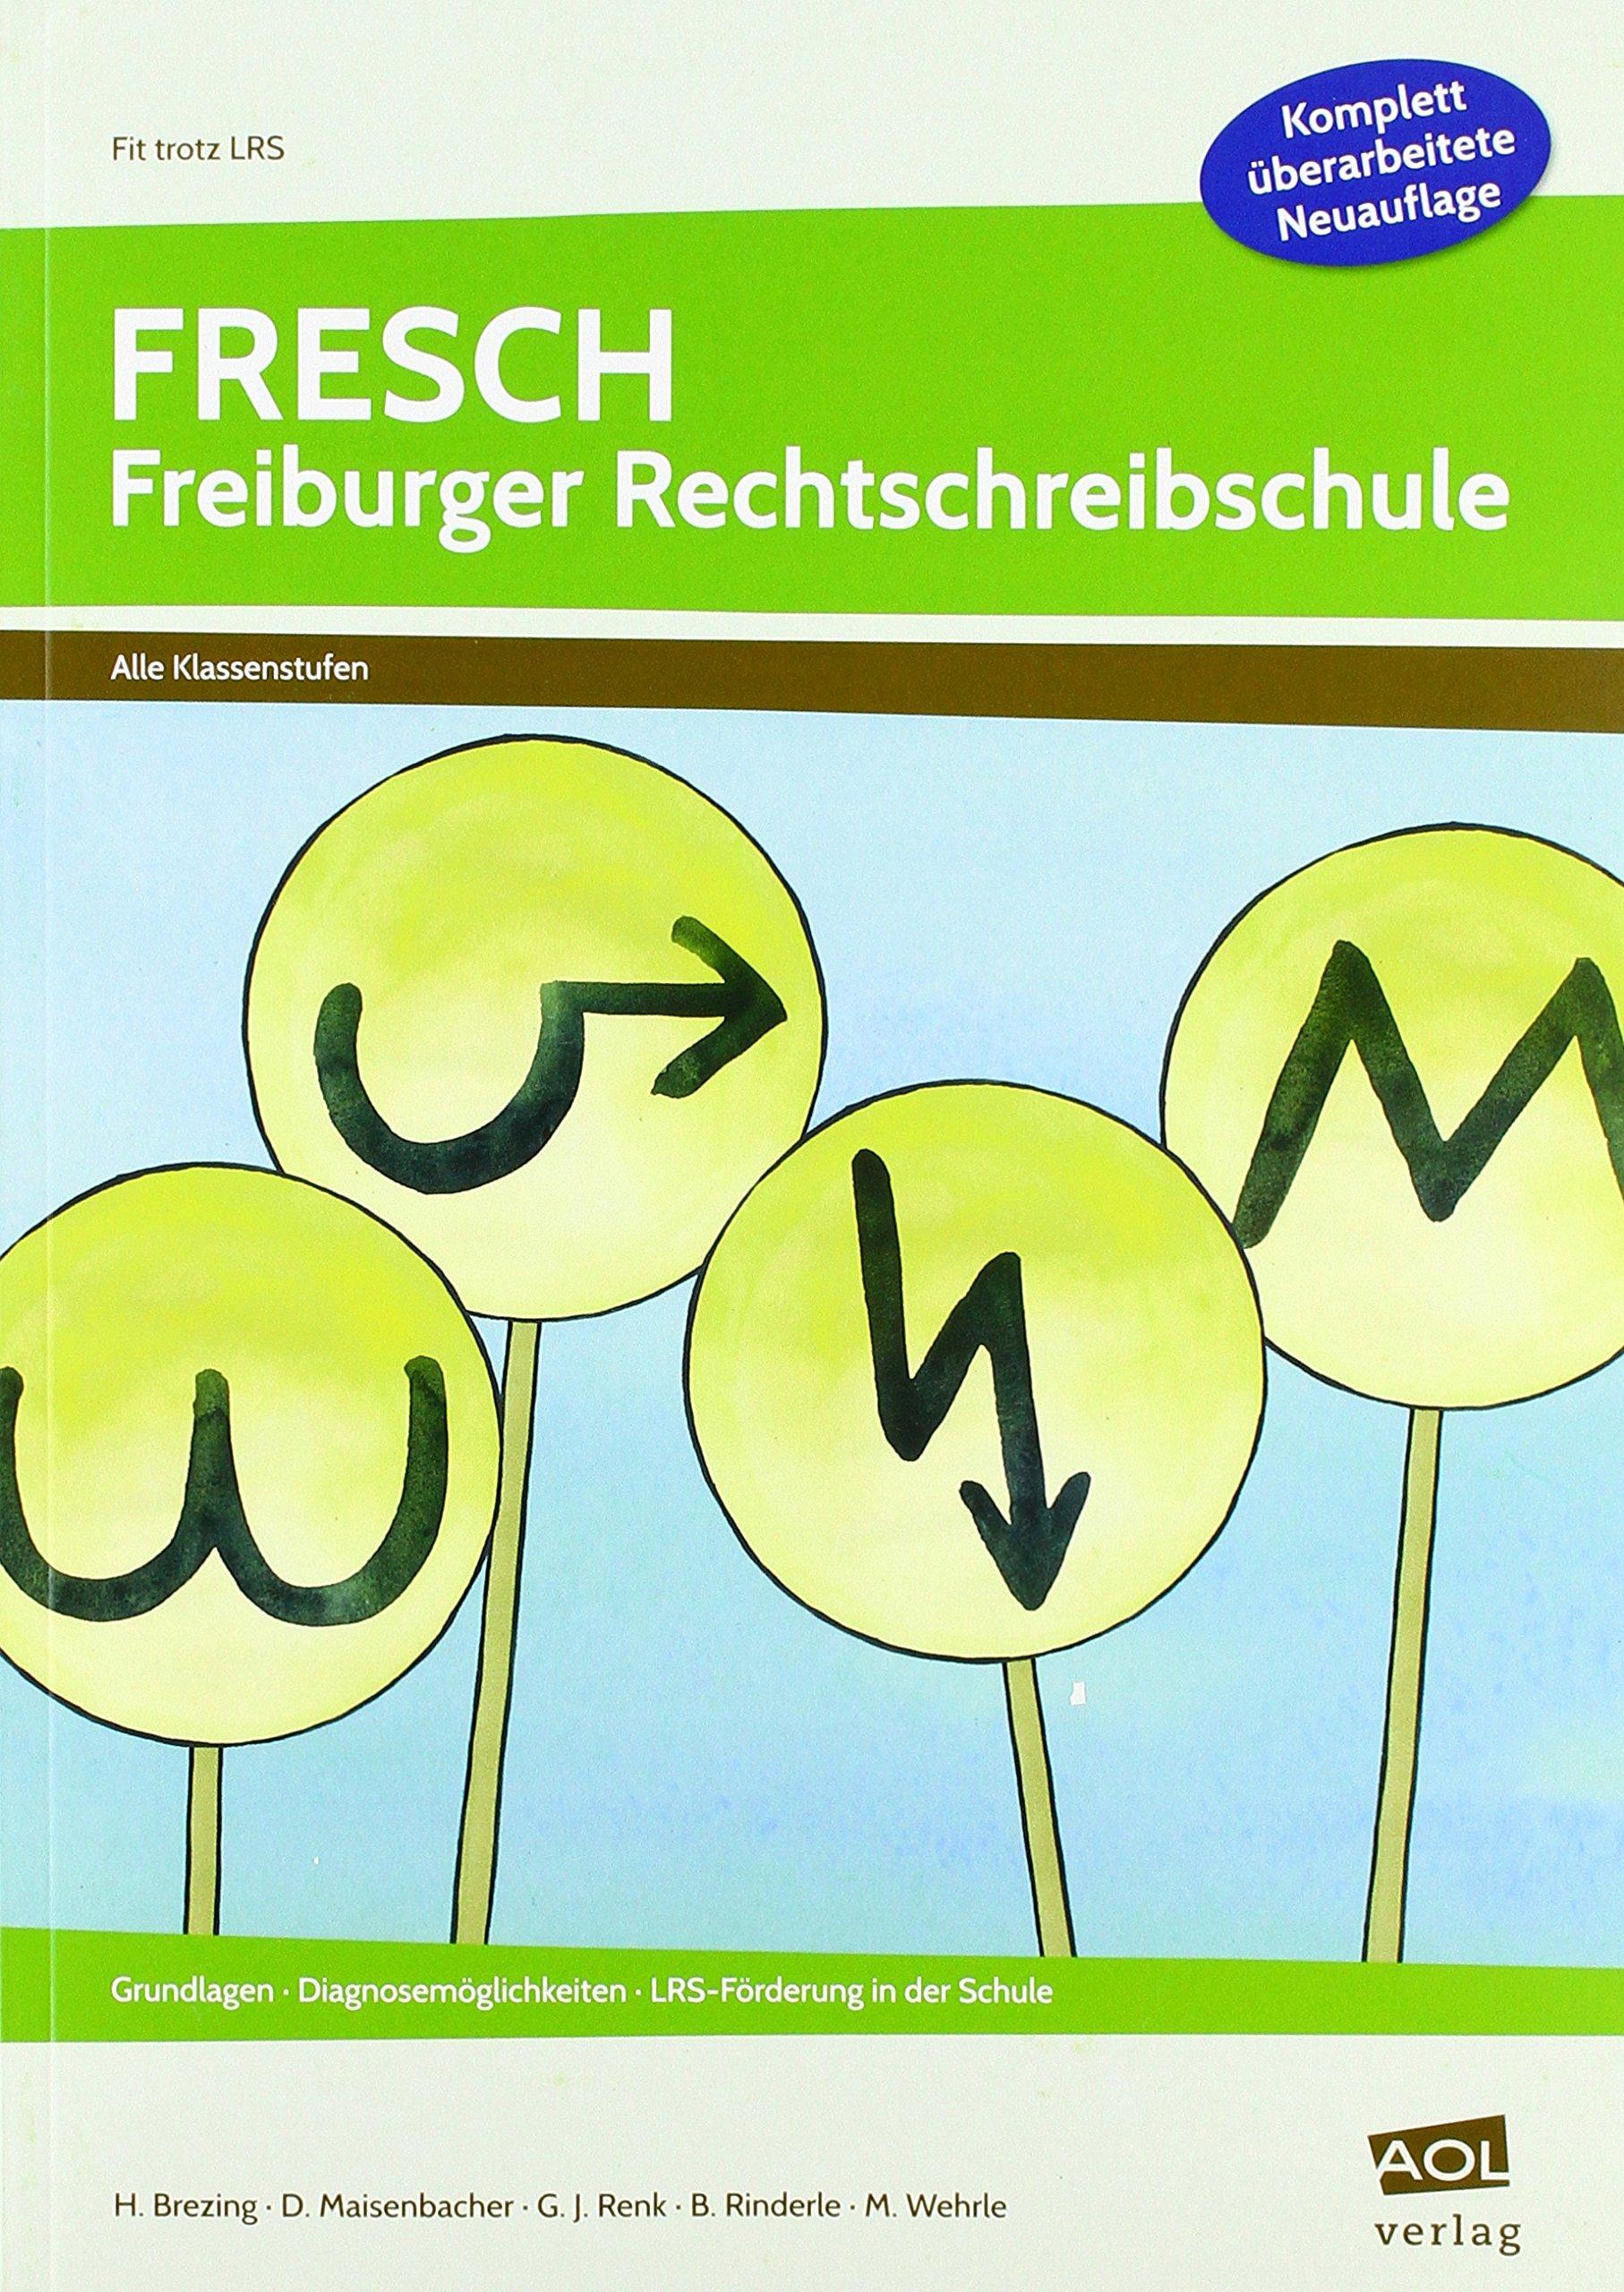 FRESCH   Freiburger Rechtschreibschule  Grundlagen Diagnosemöglichkeiten LRS Förderung In Der Schule  Alle Klassenstufen   Fit Trotz LRS   Grundschule